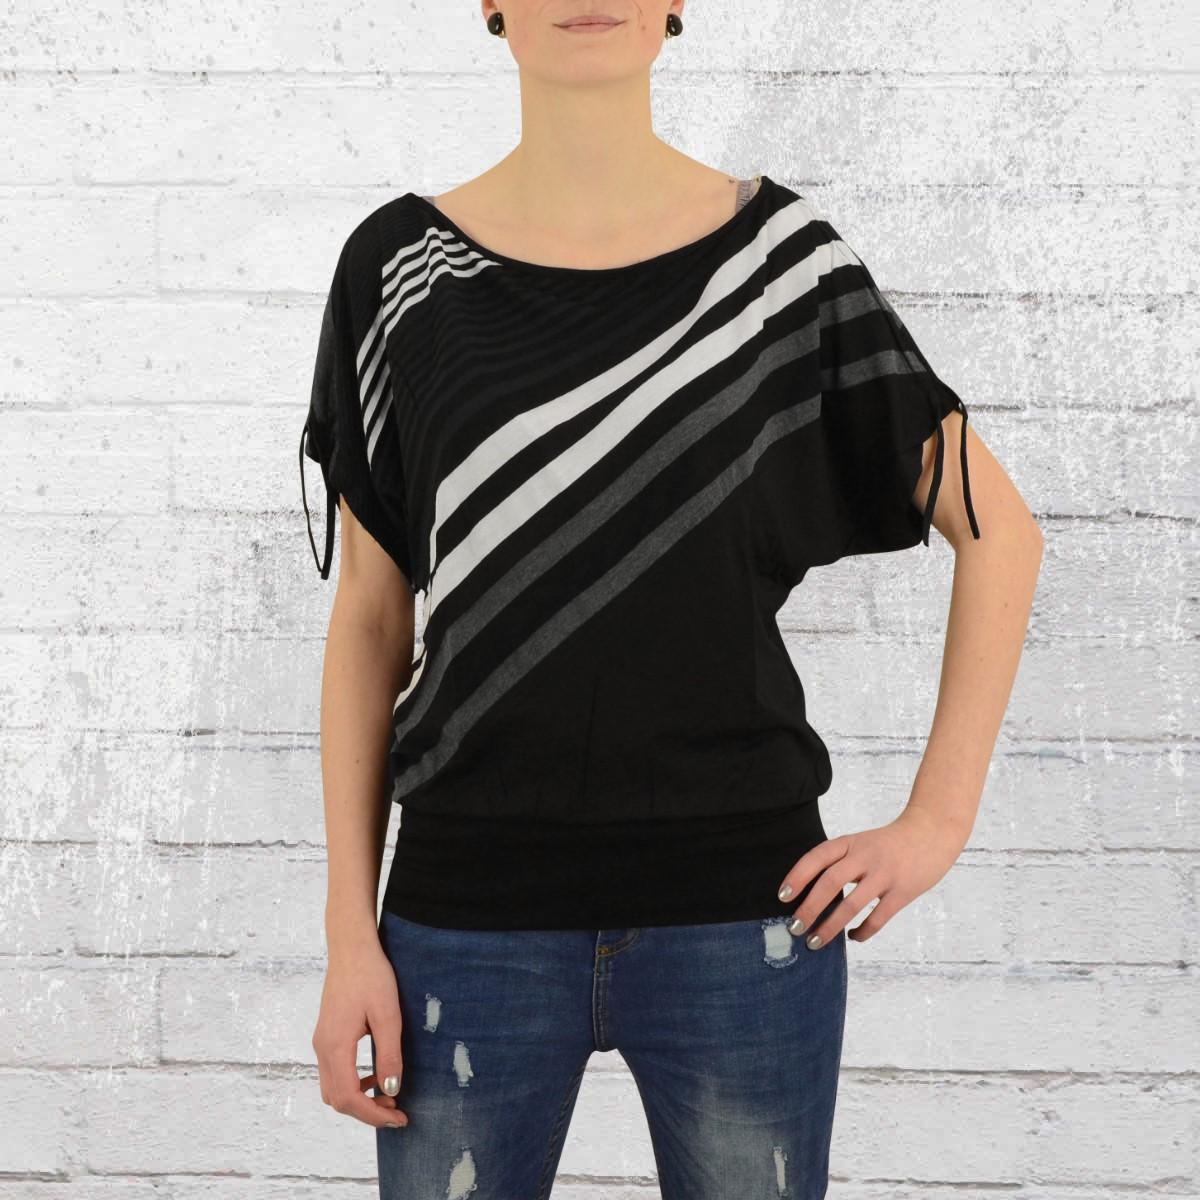 Jetzt bestellen   ATO Berlin Damen Shirt Mona Top schwarz weiss grau ... 0118efc60e